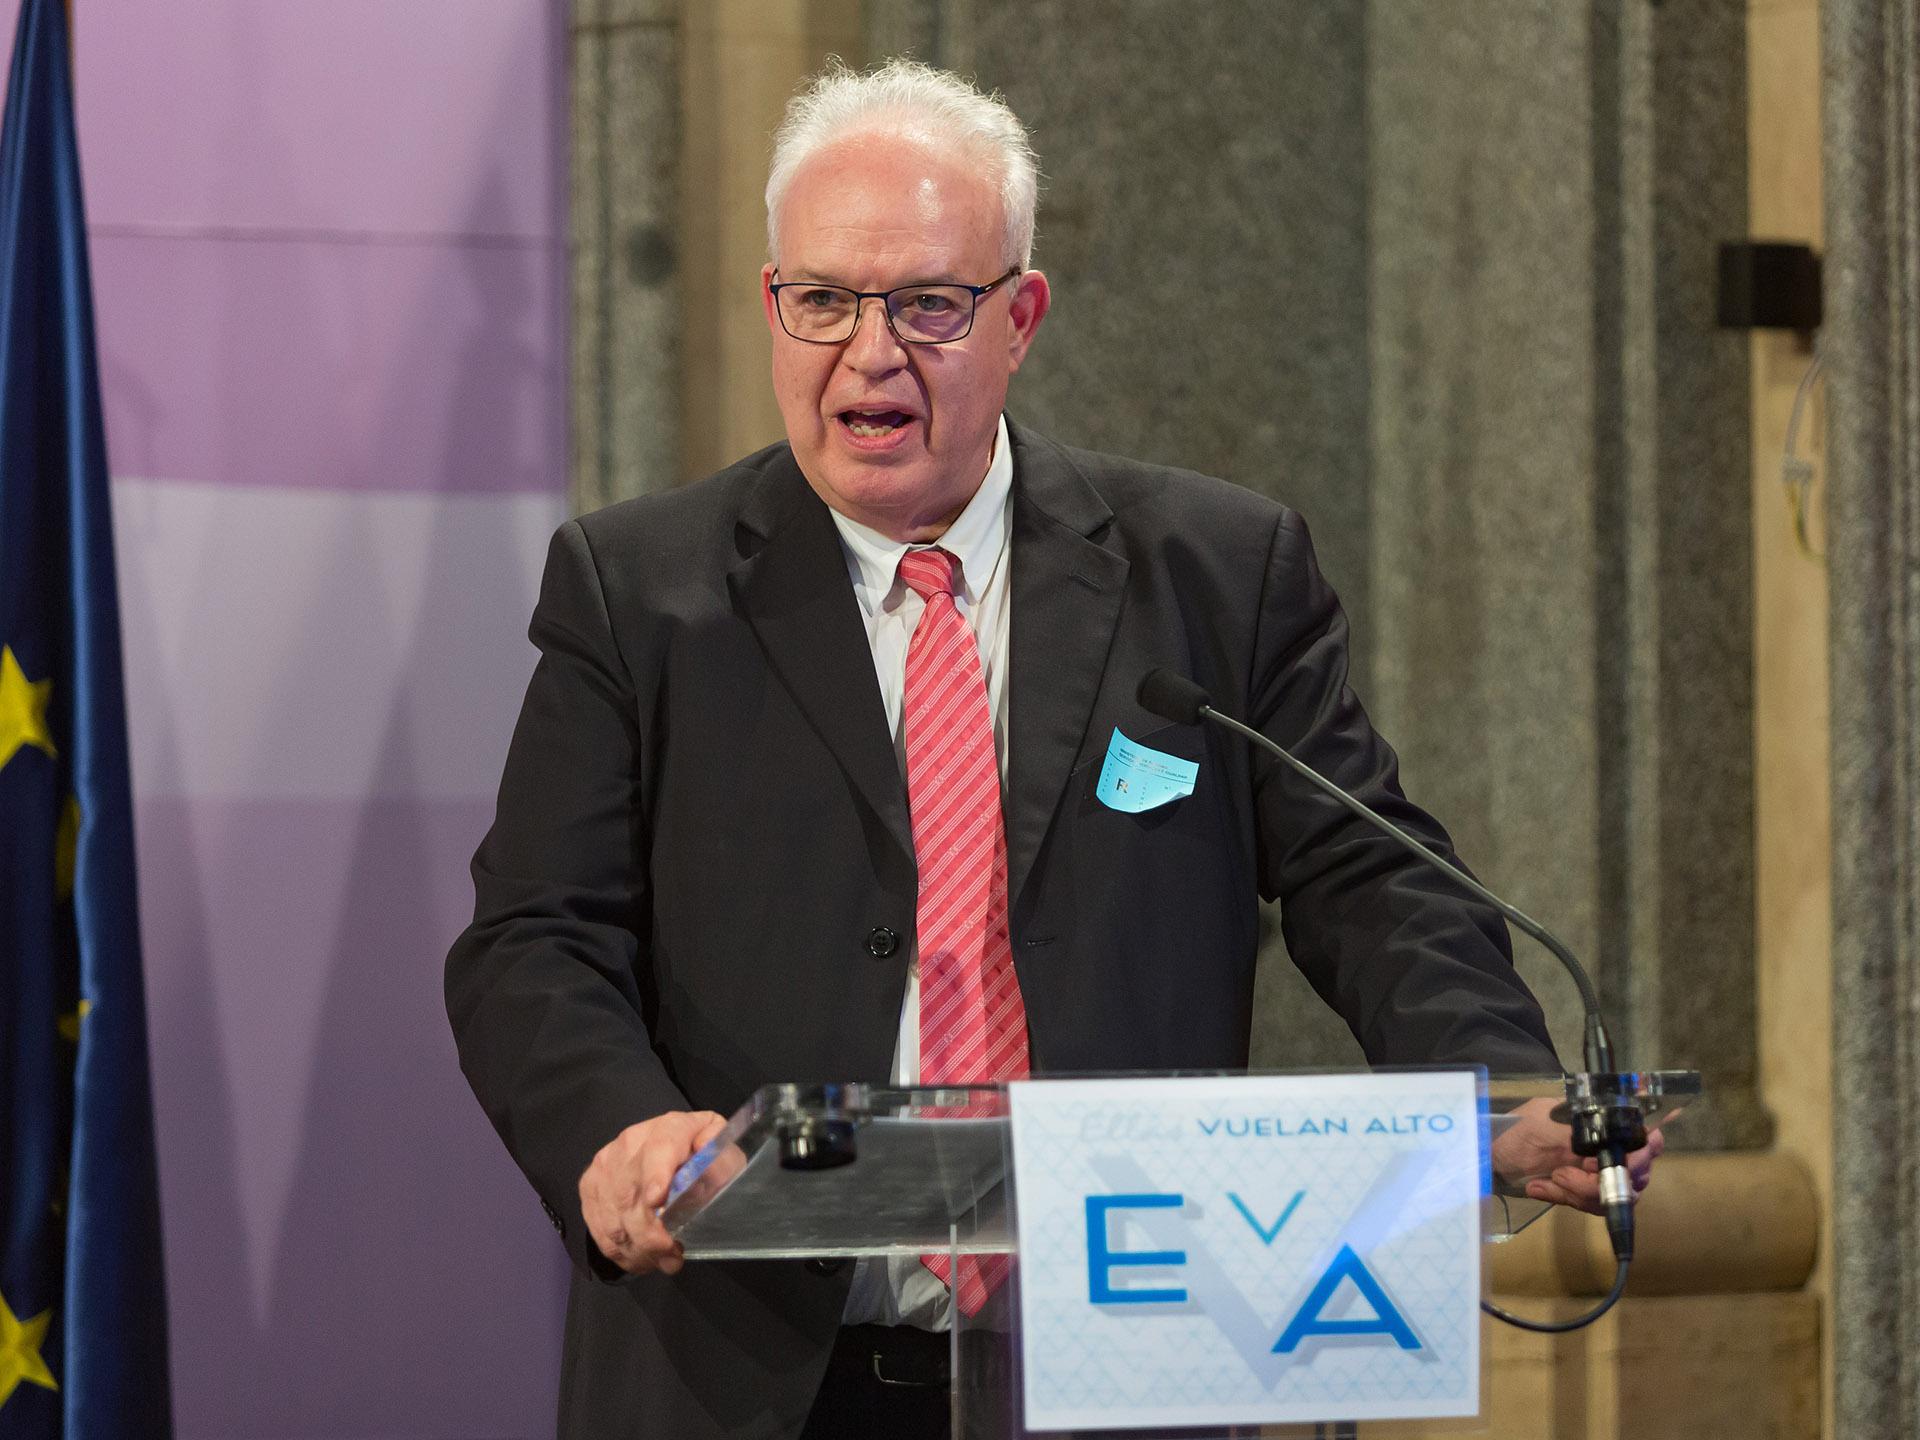 Galo Gutiérrez, director general de Industria y Pymes, clausuró el acto.